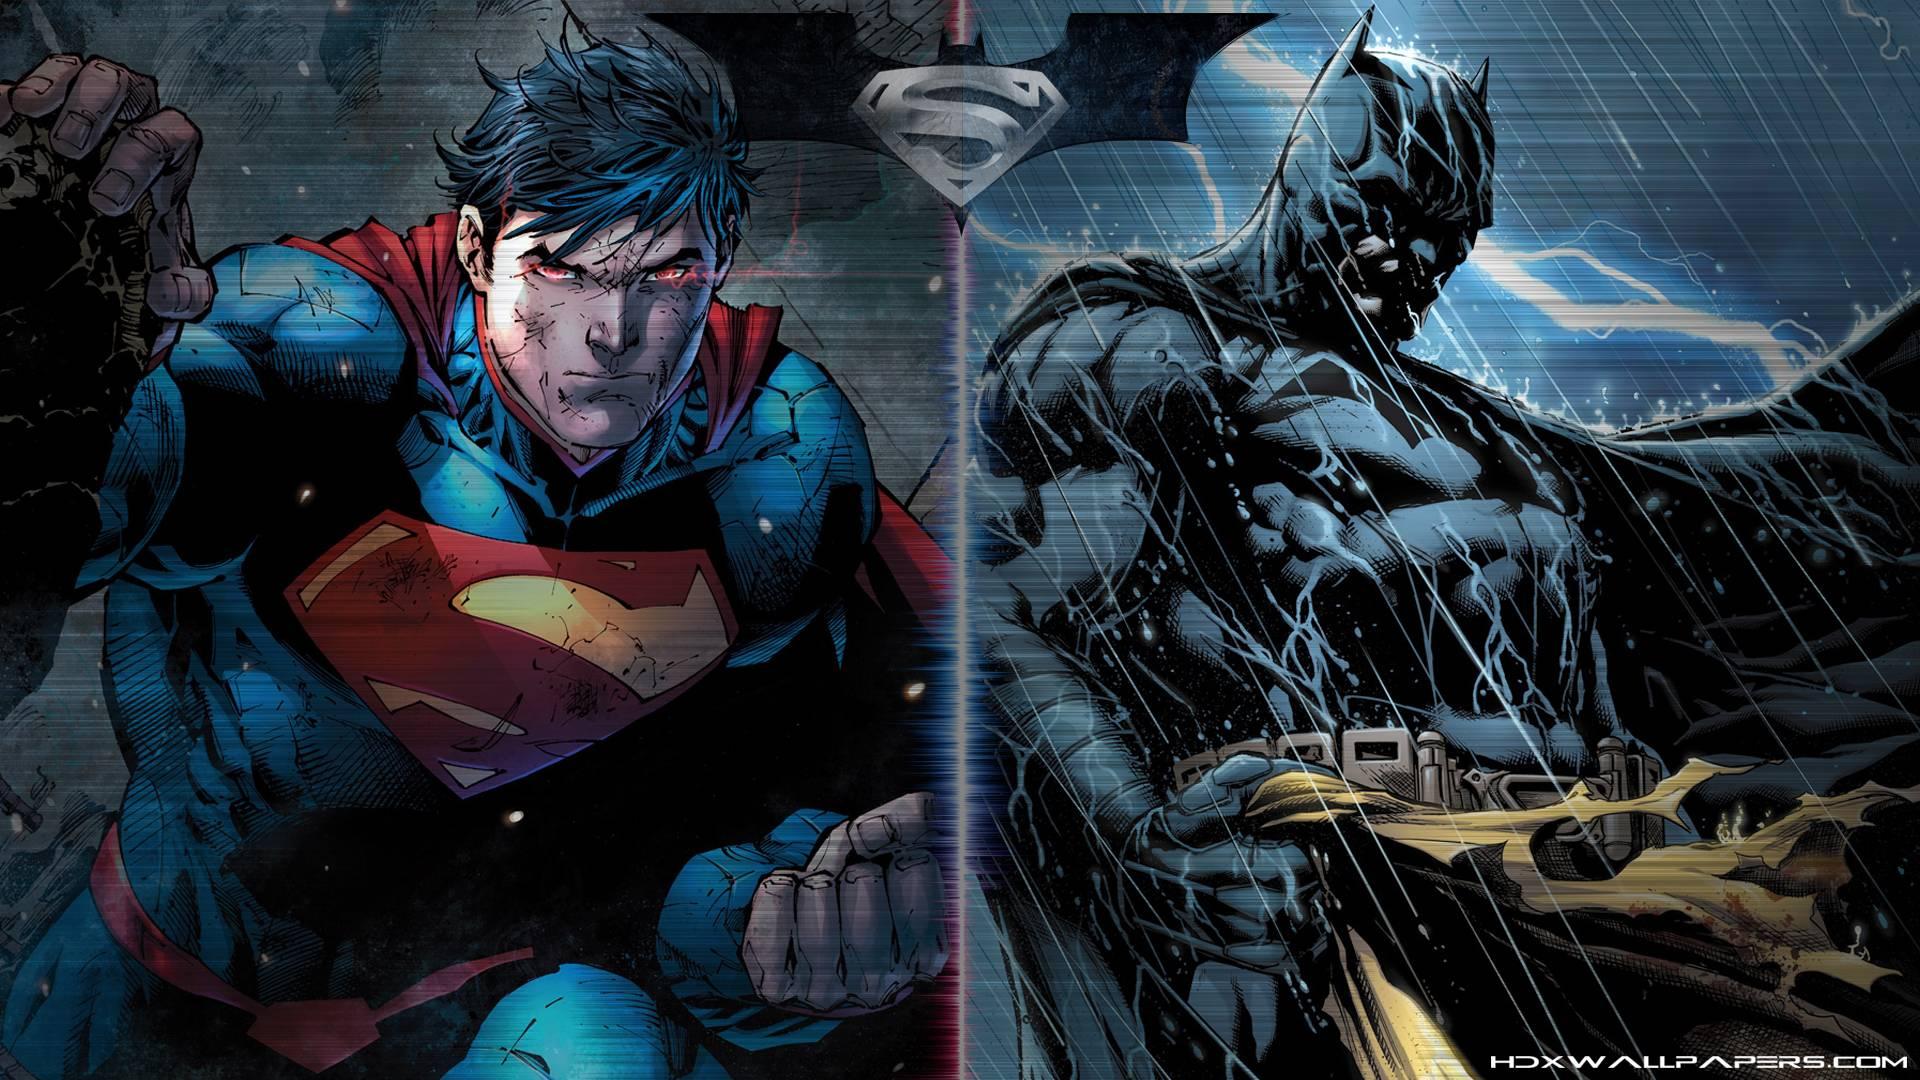 Wallpapers For Batman Vs Superman 2015 Wallpaper